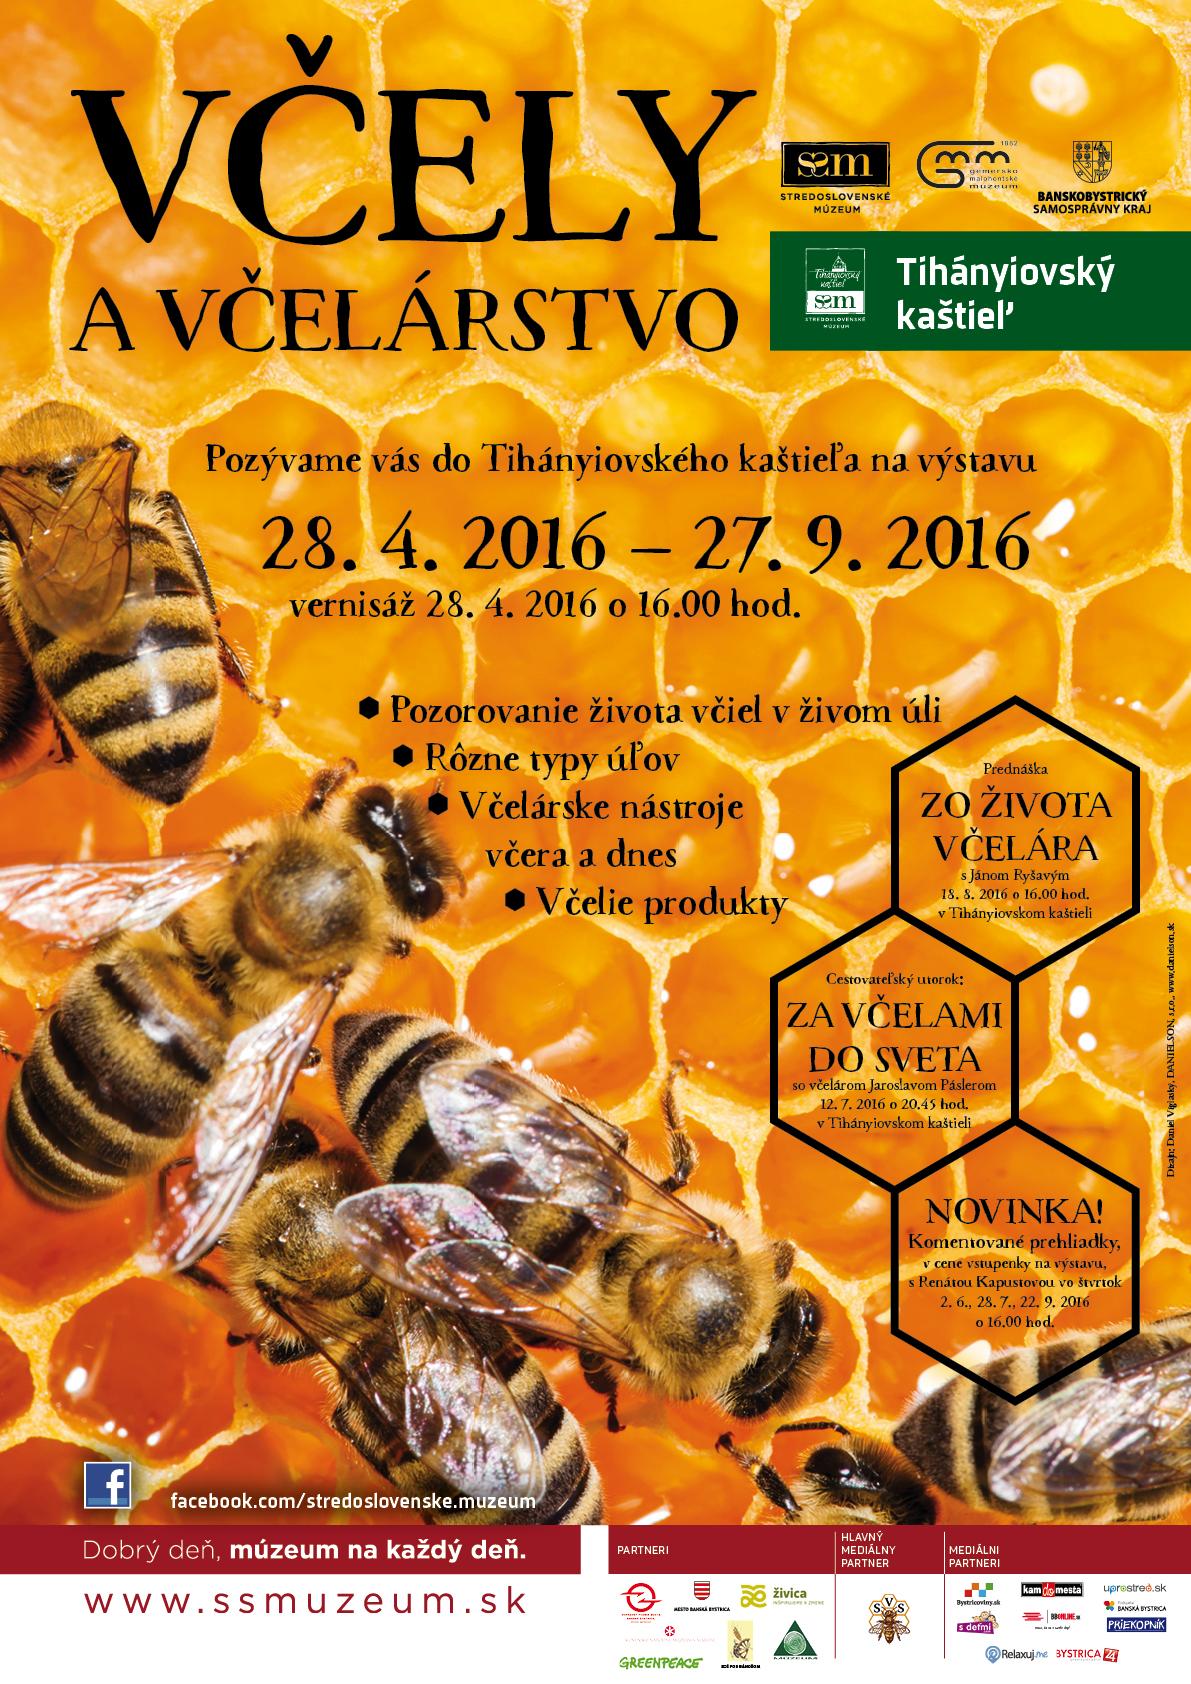 Včely a včelárstvo